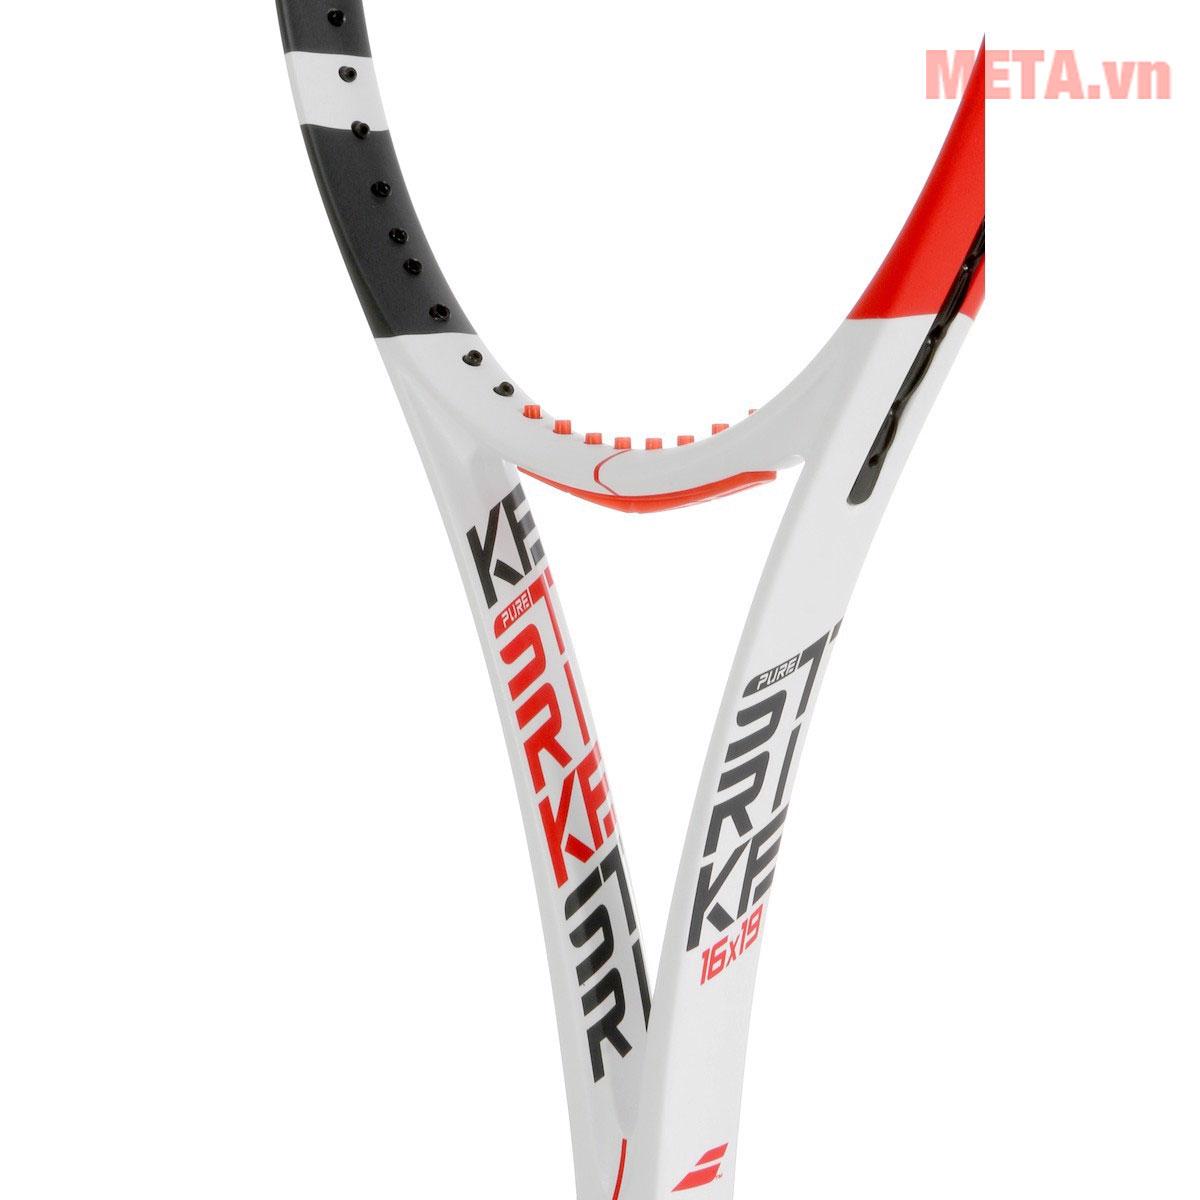 Khung vợt chắc chắn, đàn hồi tốt dành cho người thích chơi phản công